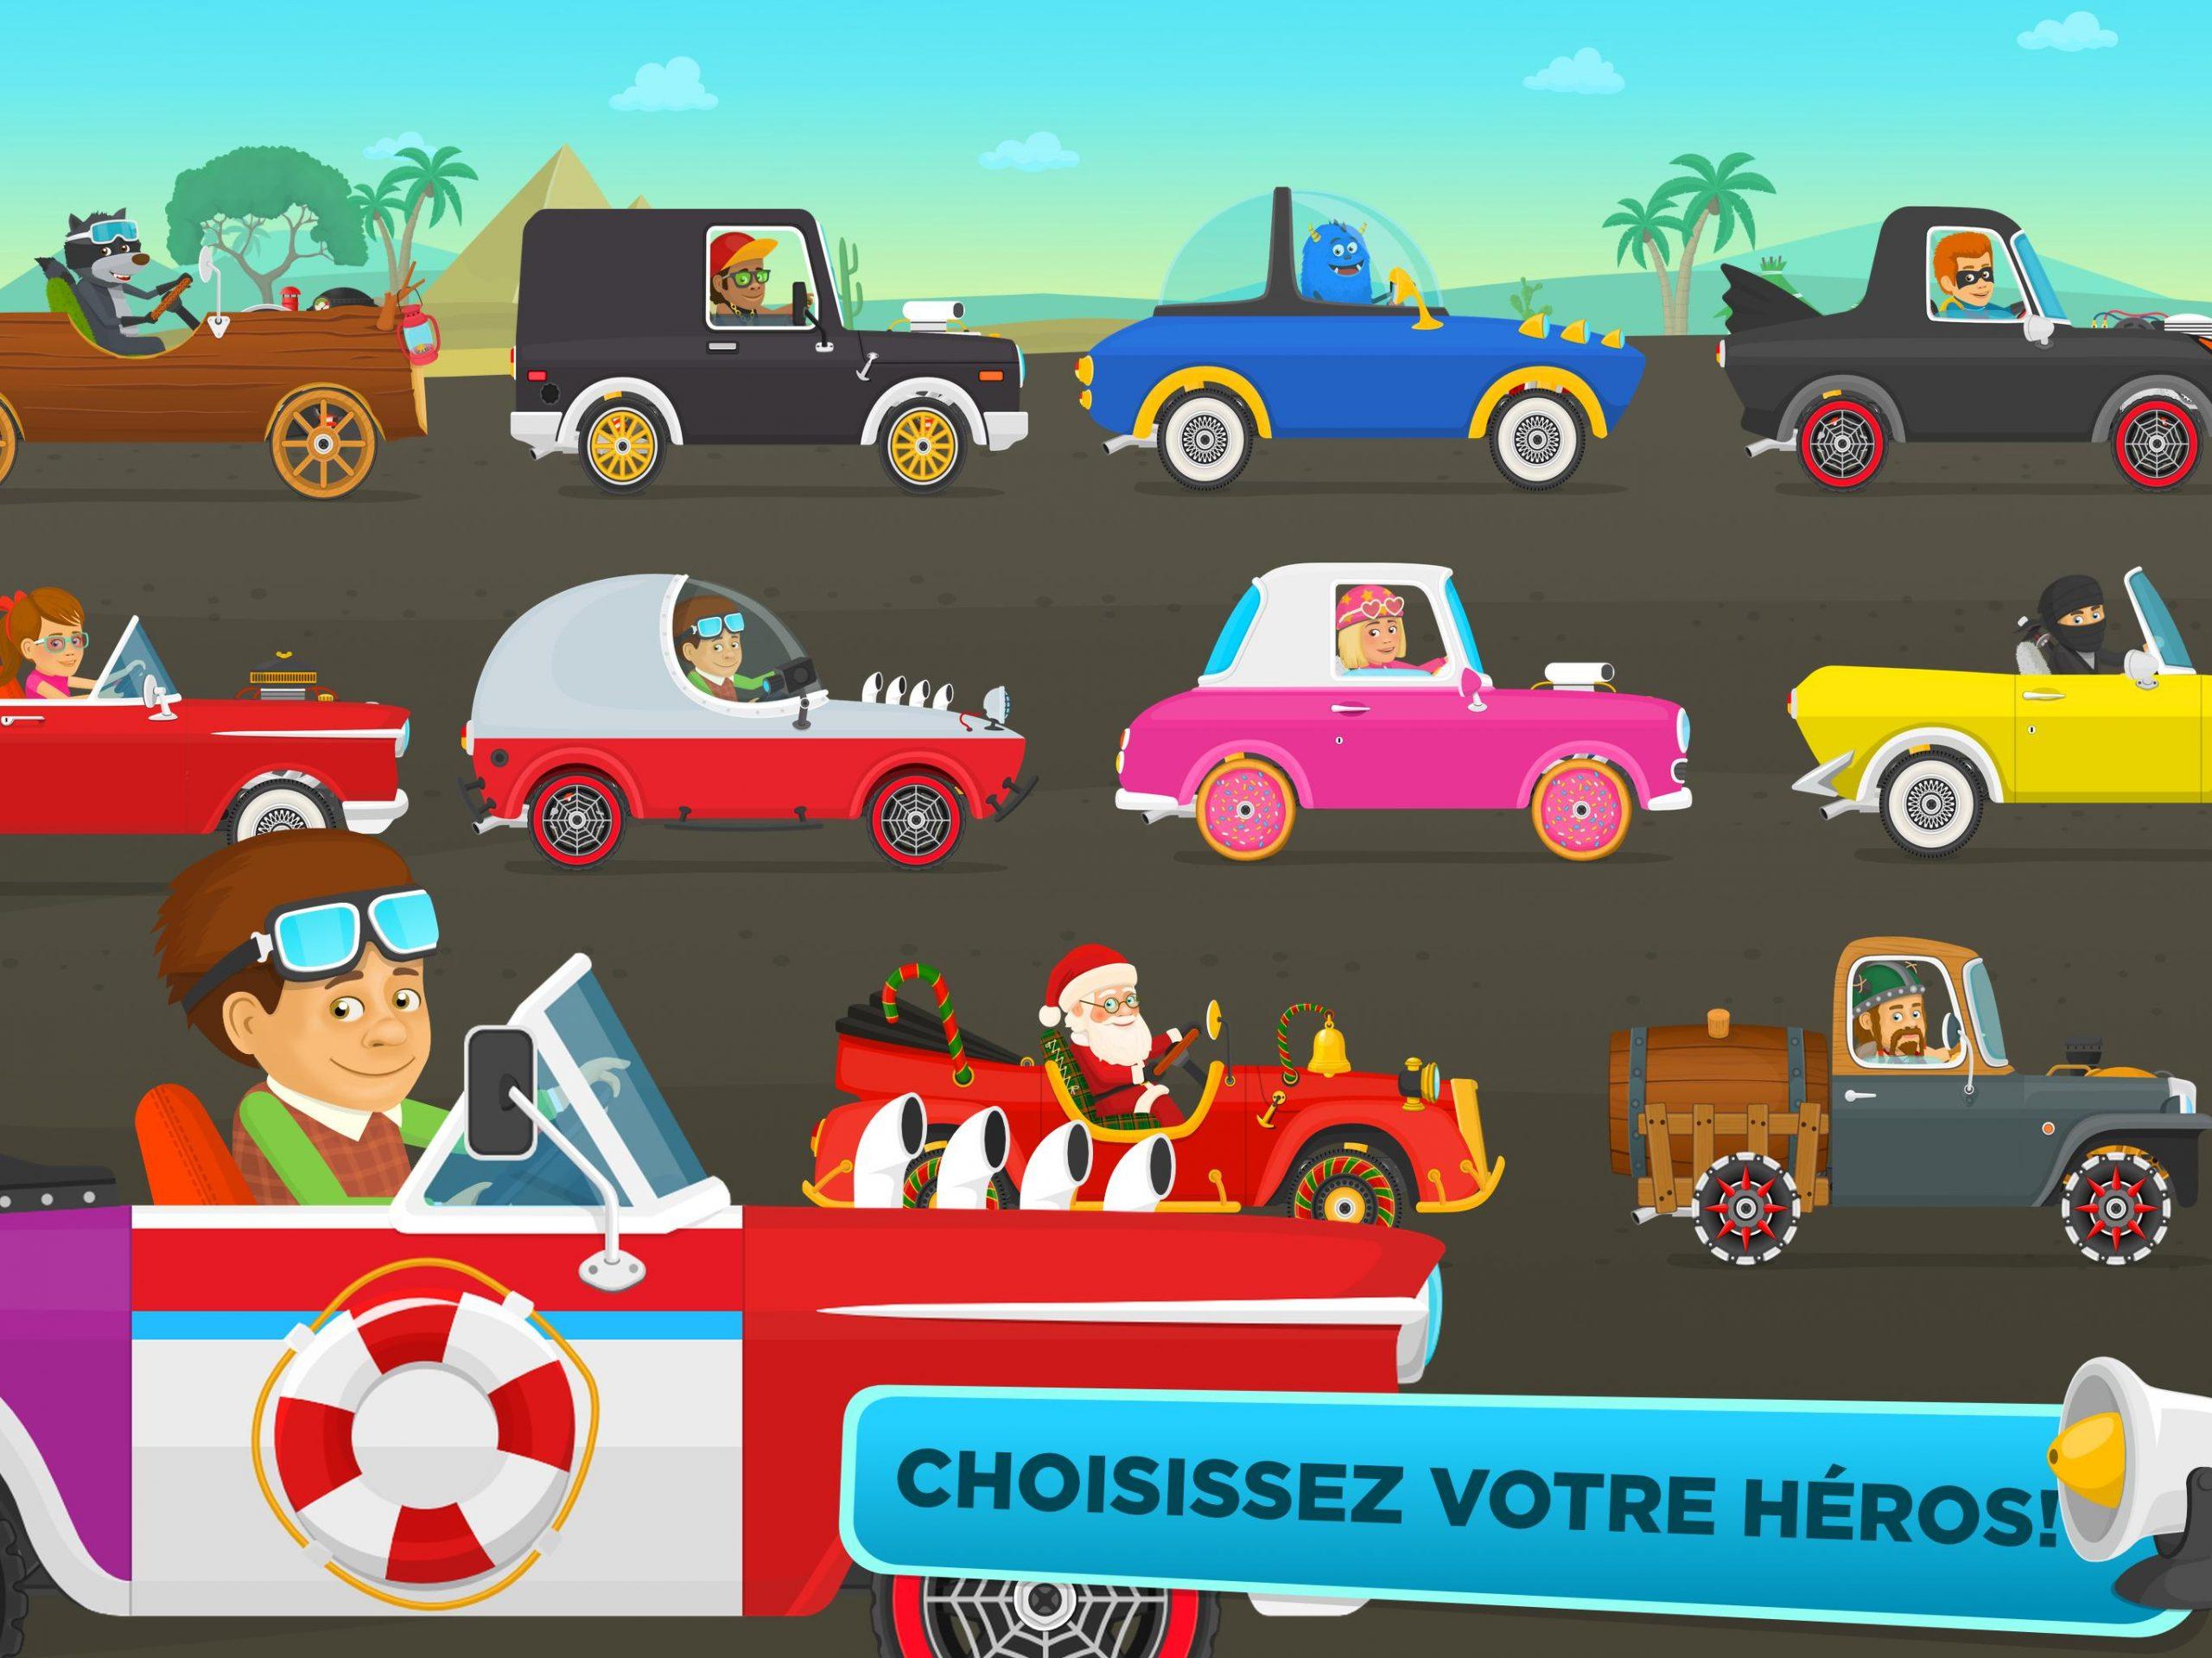 Jeu De Voiture Gratuit Pour Les Enfants - Courses Pour destiné Jeux De Course De Voiture Pour Enfan